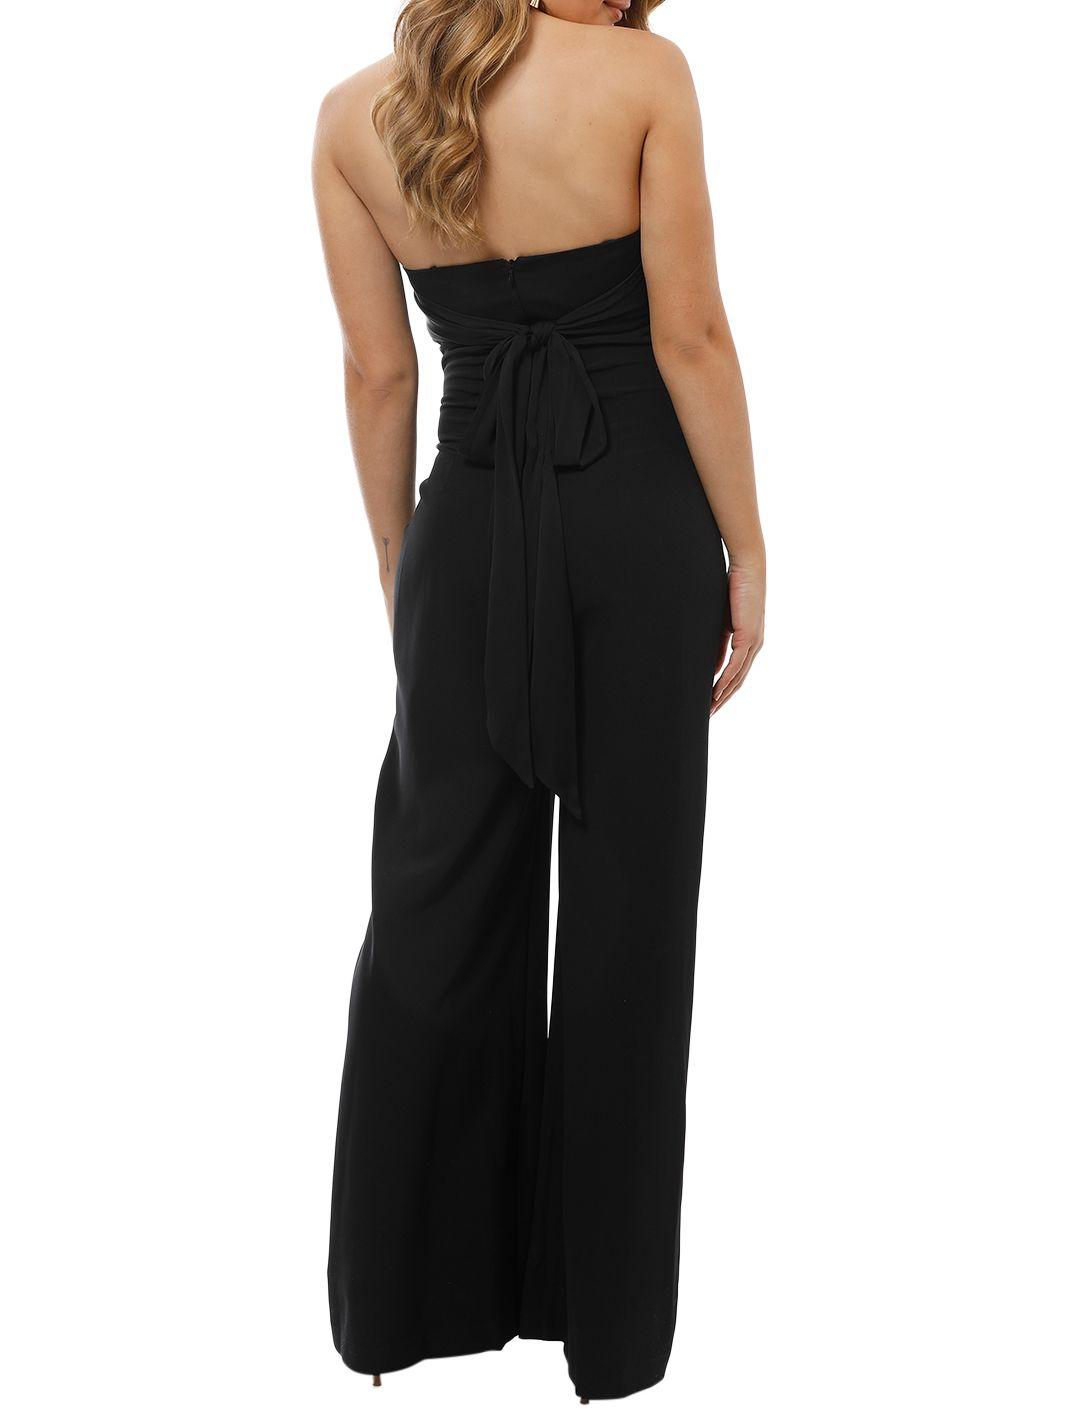 Milly - Brooke Jumpsuit - Black - Back